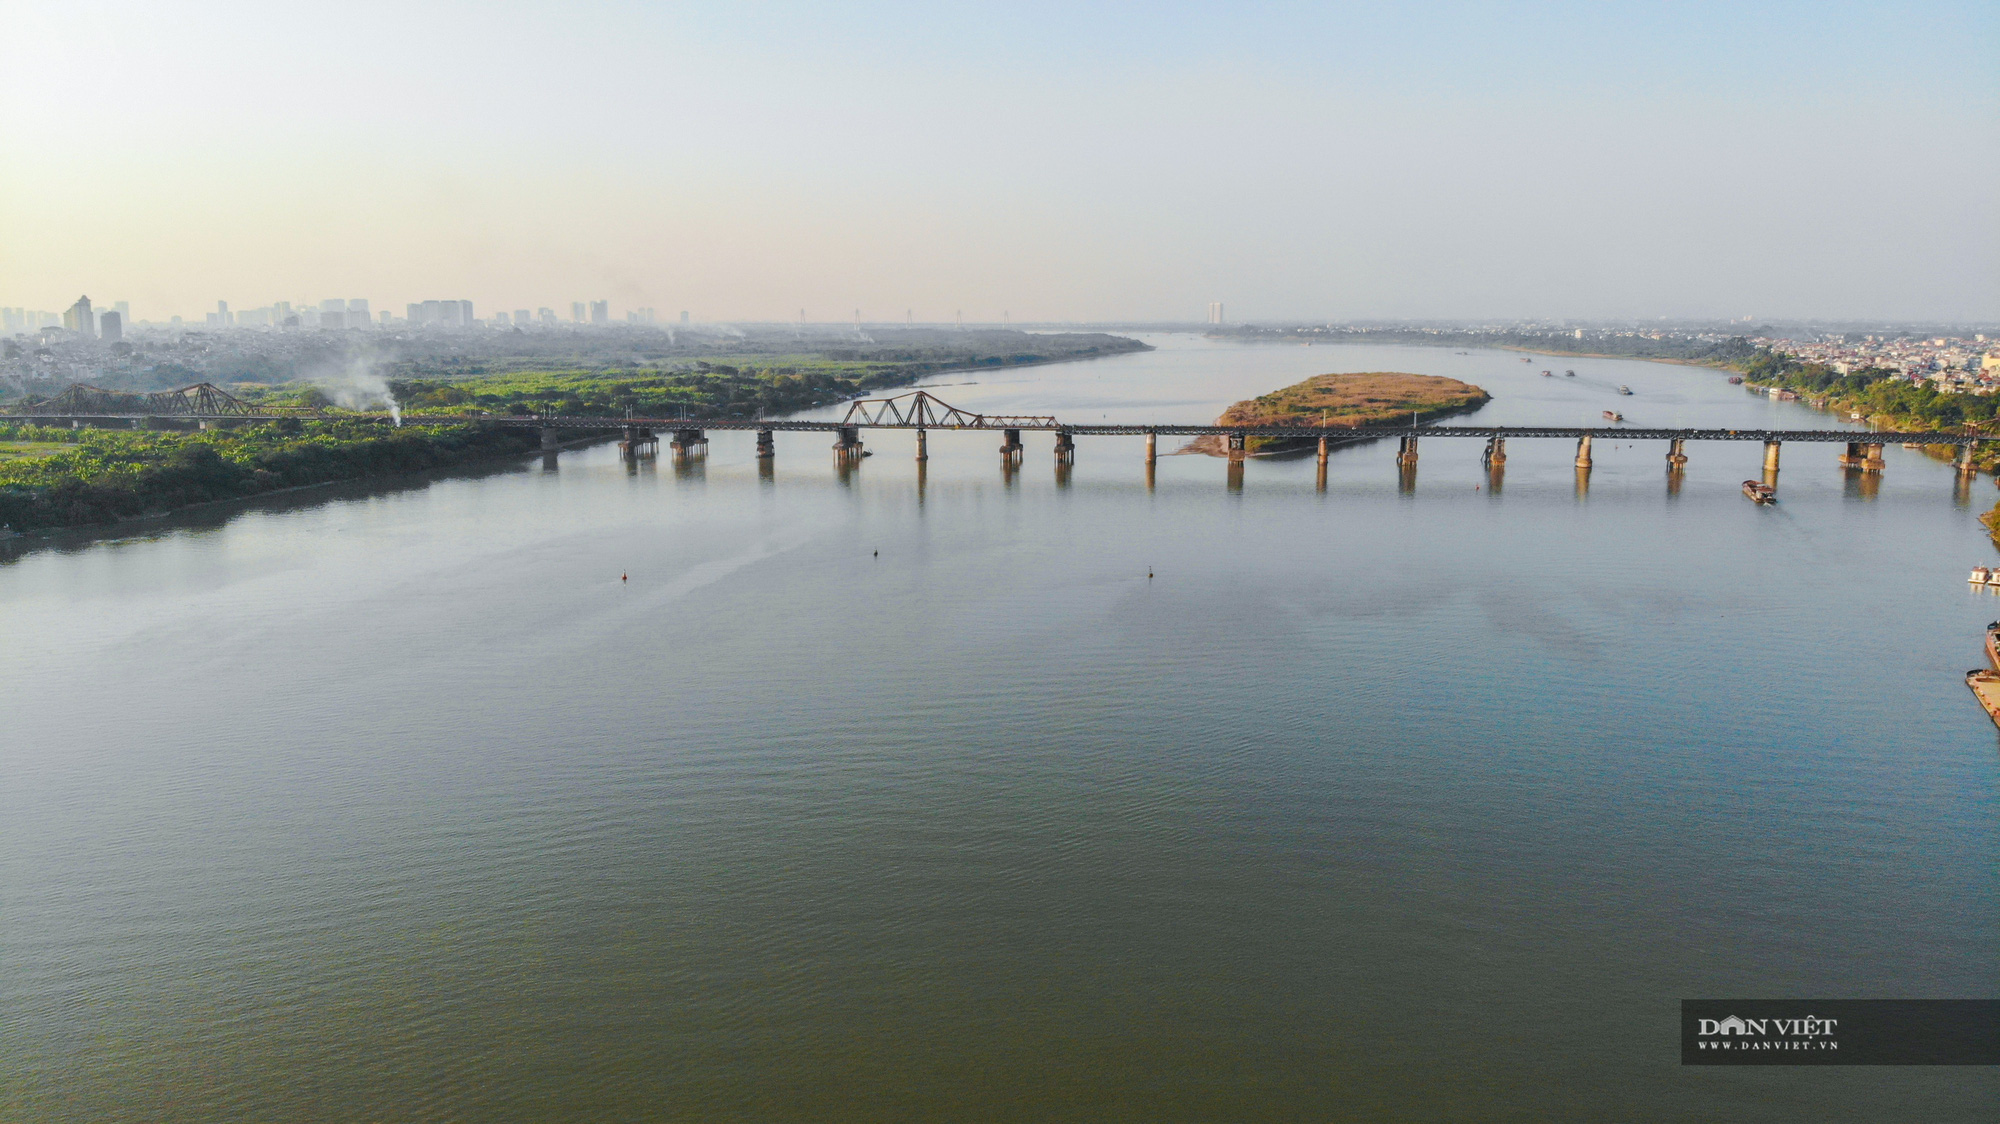 Loạt cây cầu làm thay đổi diện mạo giao thông Thủ đô trong nhiều năm qua - Ảnh 1.